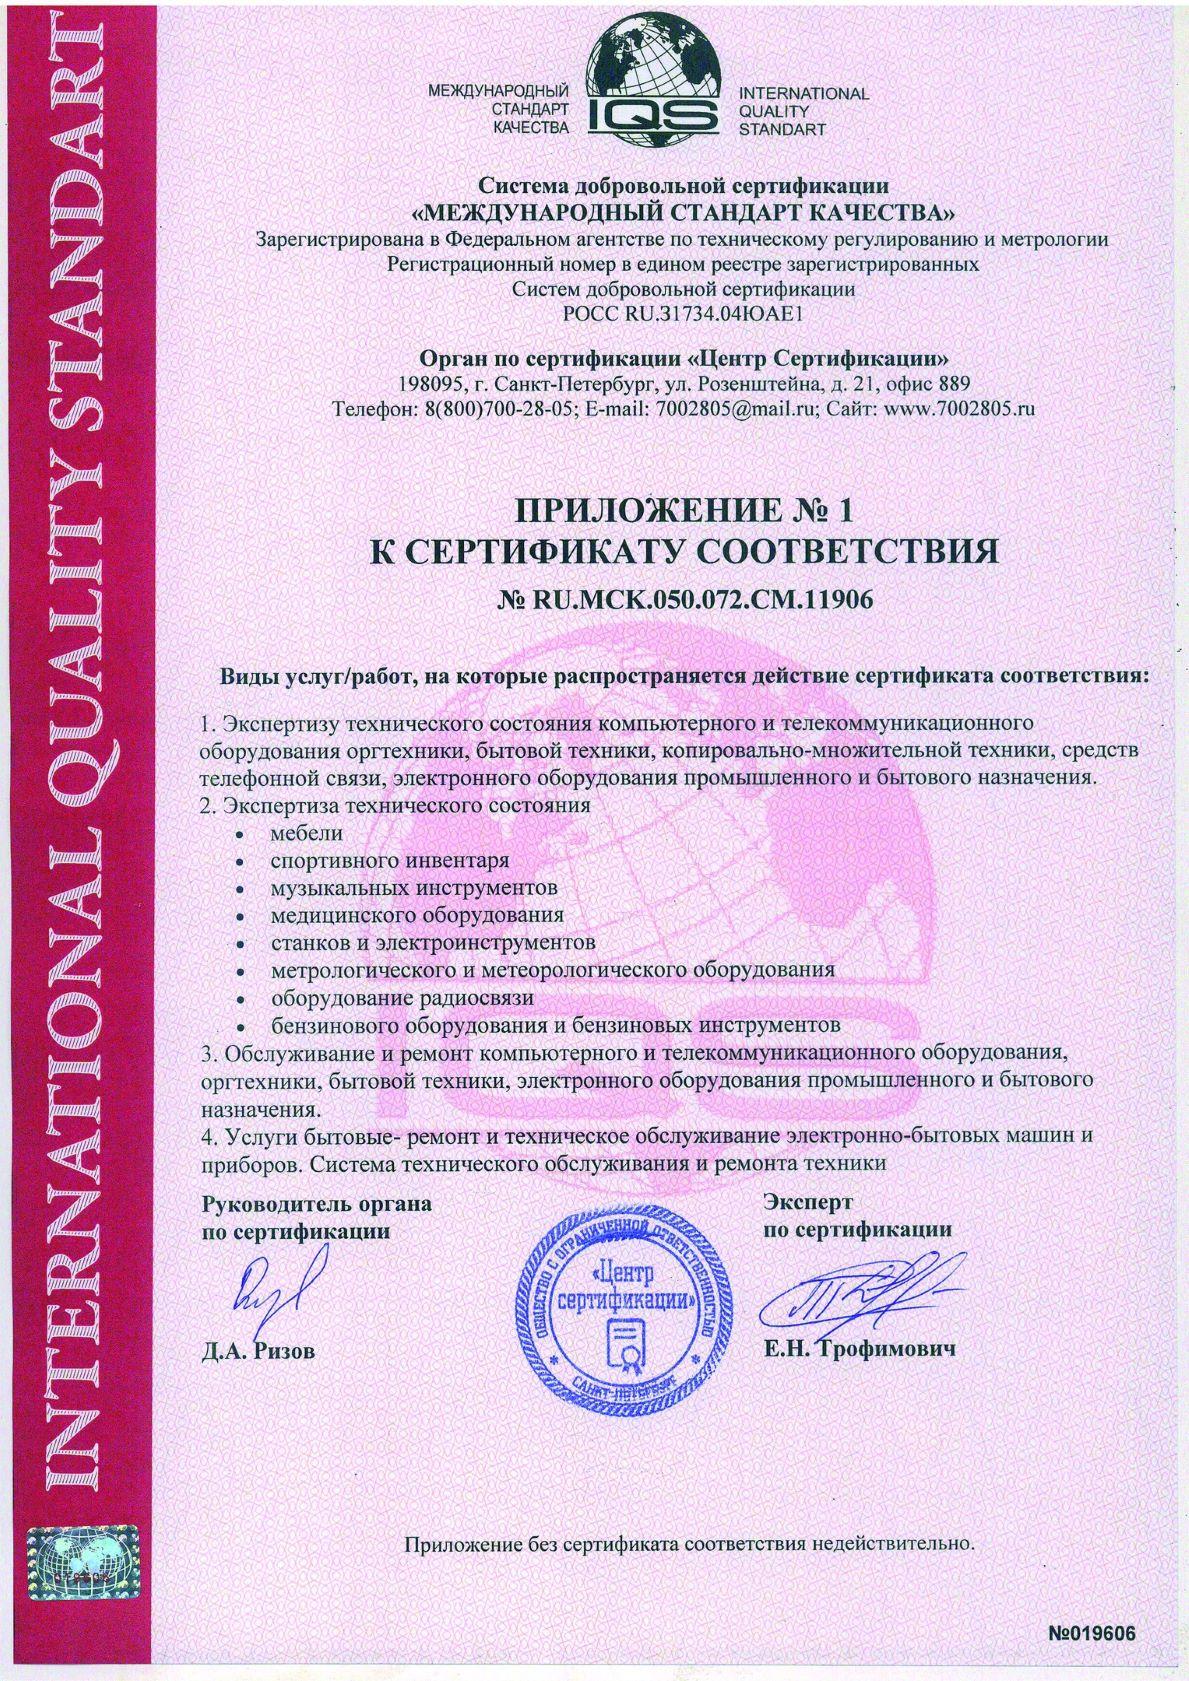 Сертификат соответствия (приложение)